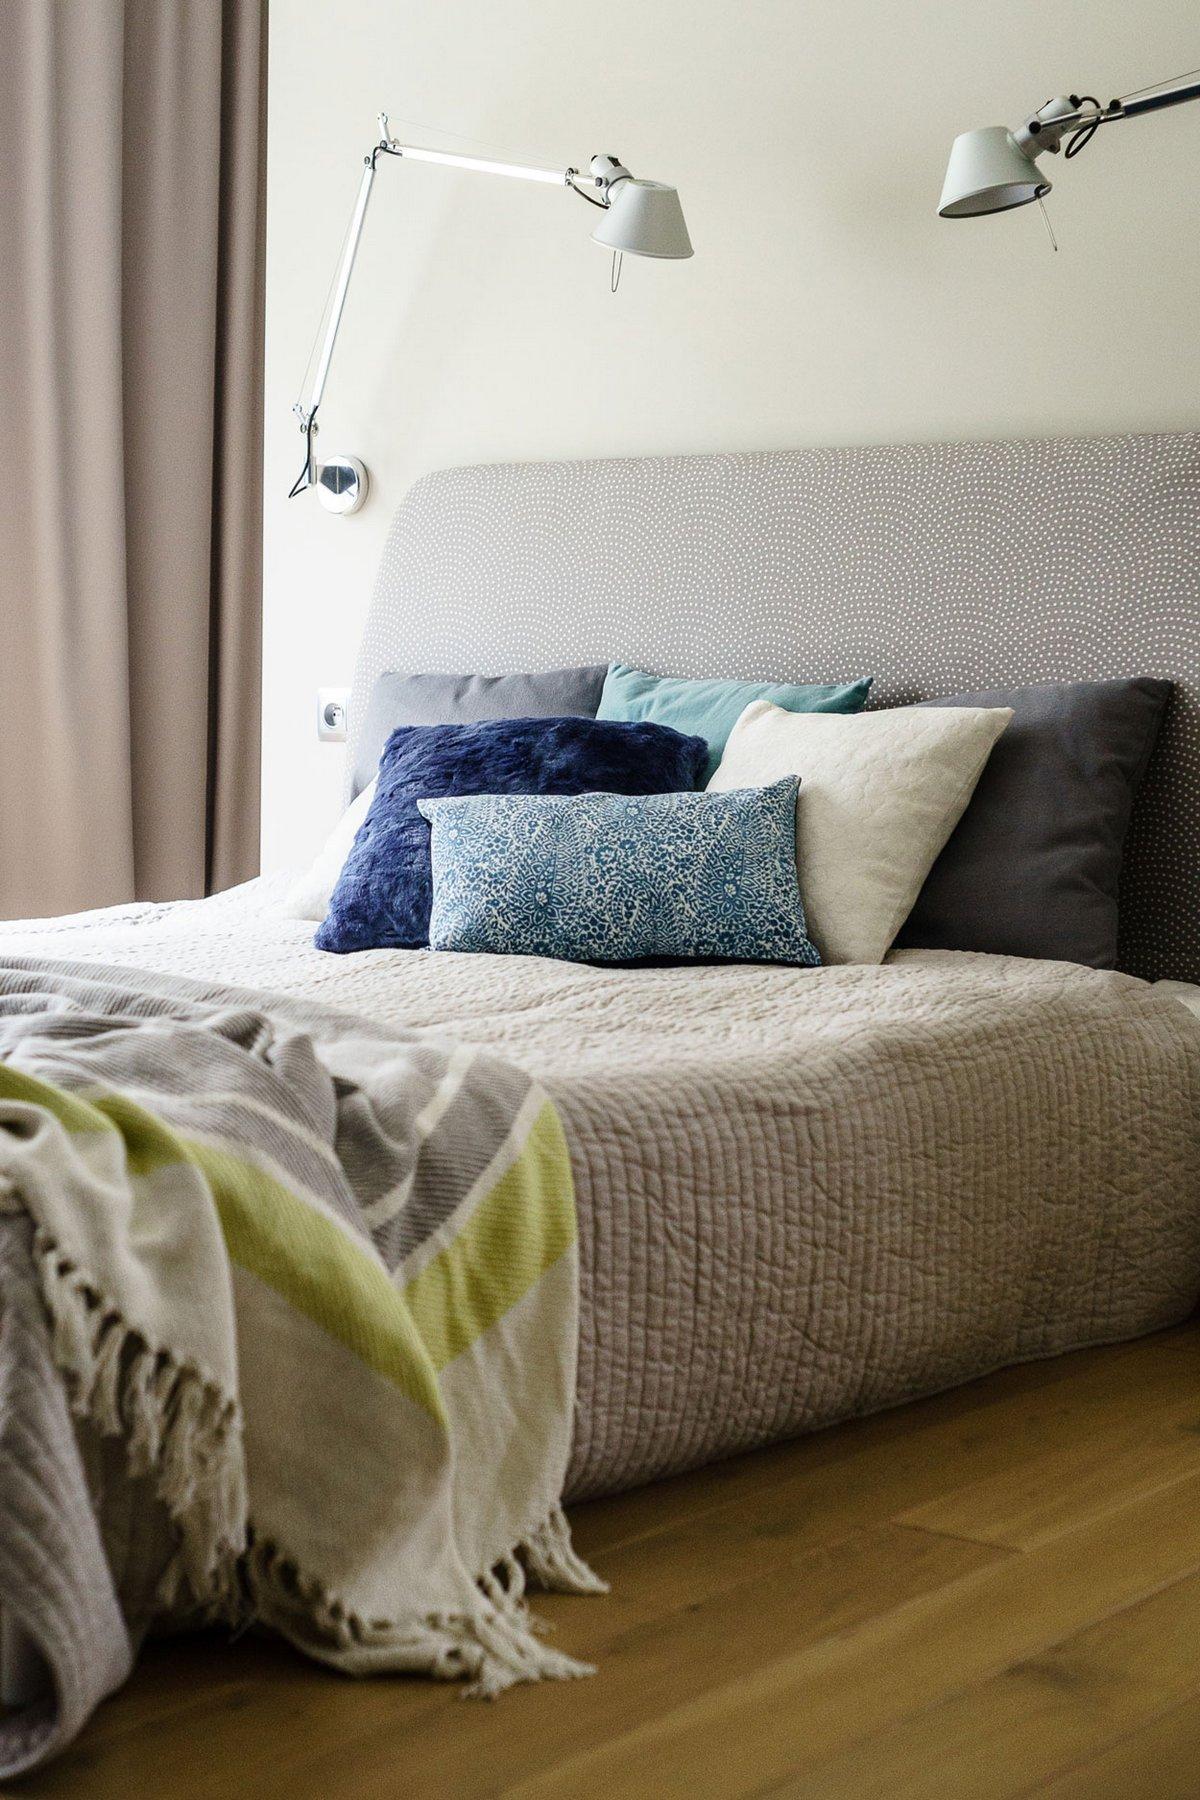 Fabryka Wnetrz, нейтральный дизайн интерьера, современный дизайн спальных комнат фото, дизайн спальной кровати, современный дизайн детской комнаты